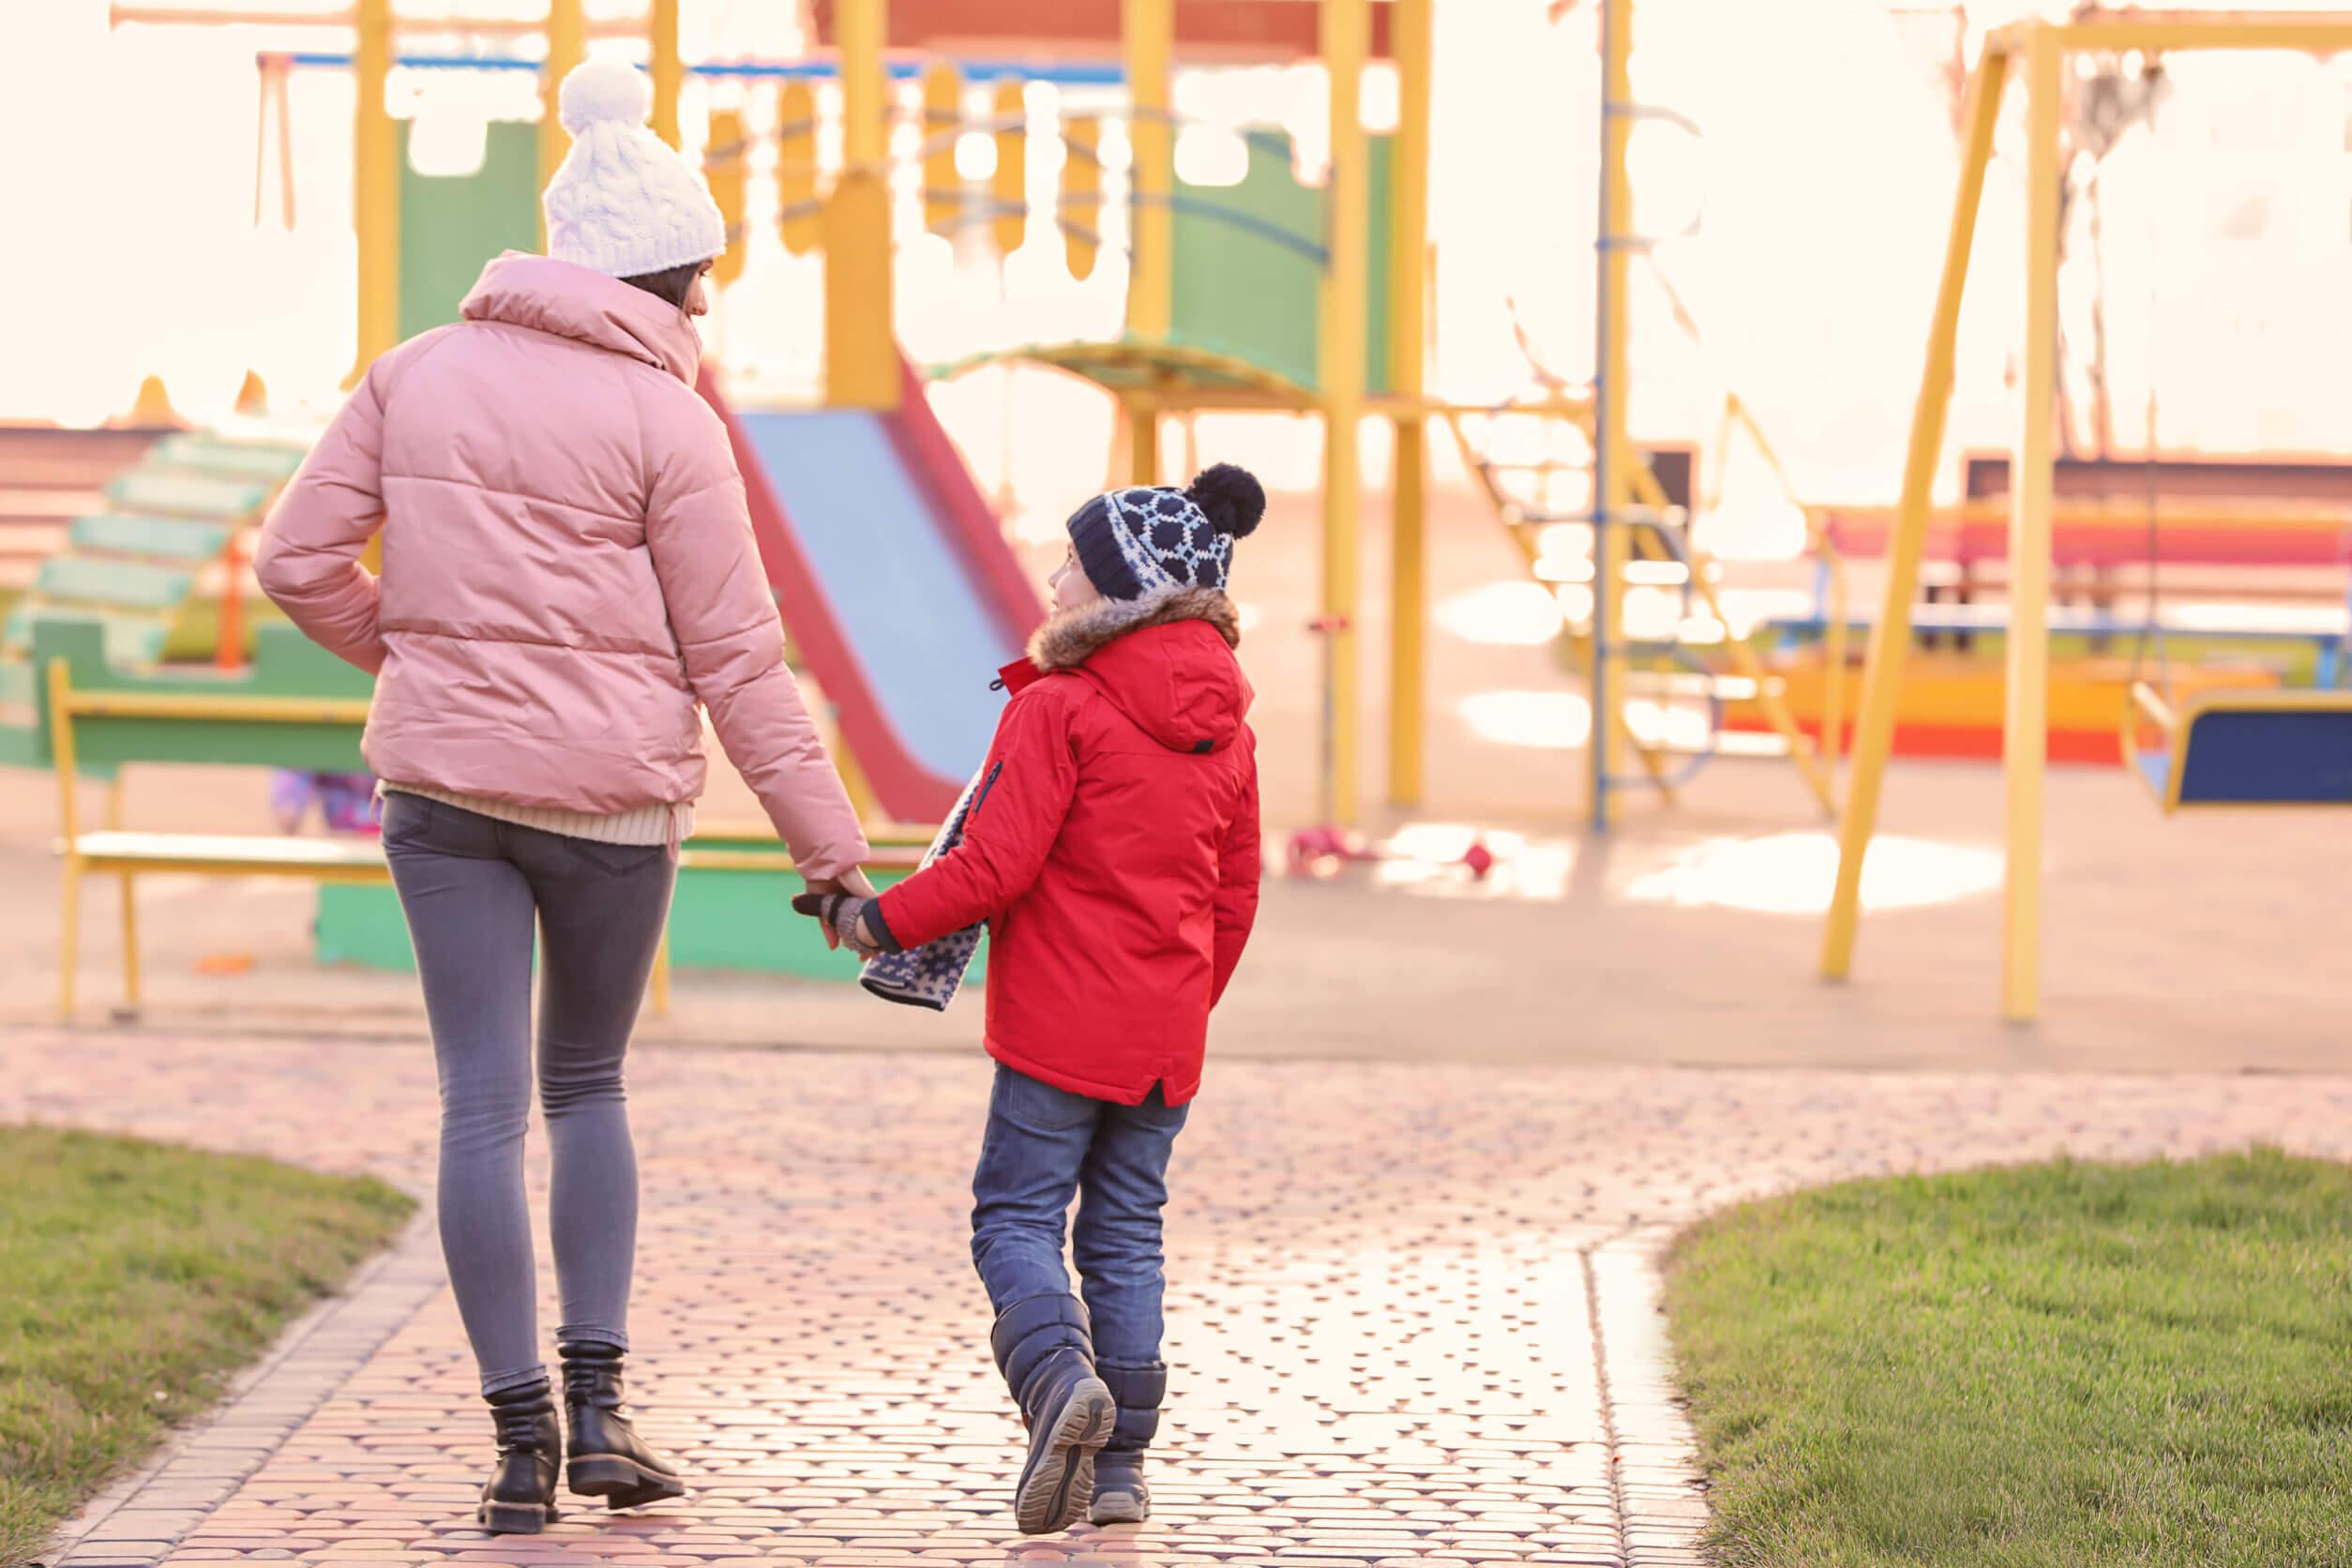 Madre dando un paseo por el parque con su hijo adoptado.